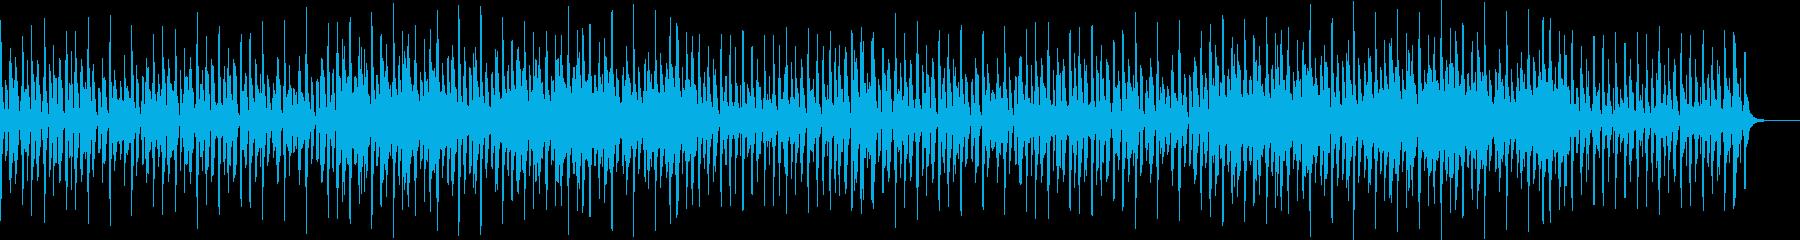 楽しい・明るい・オーケストラポップの再生済みの波形